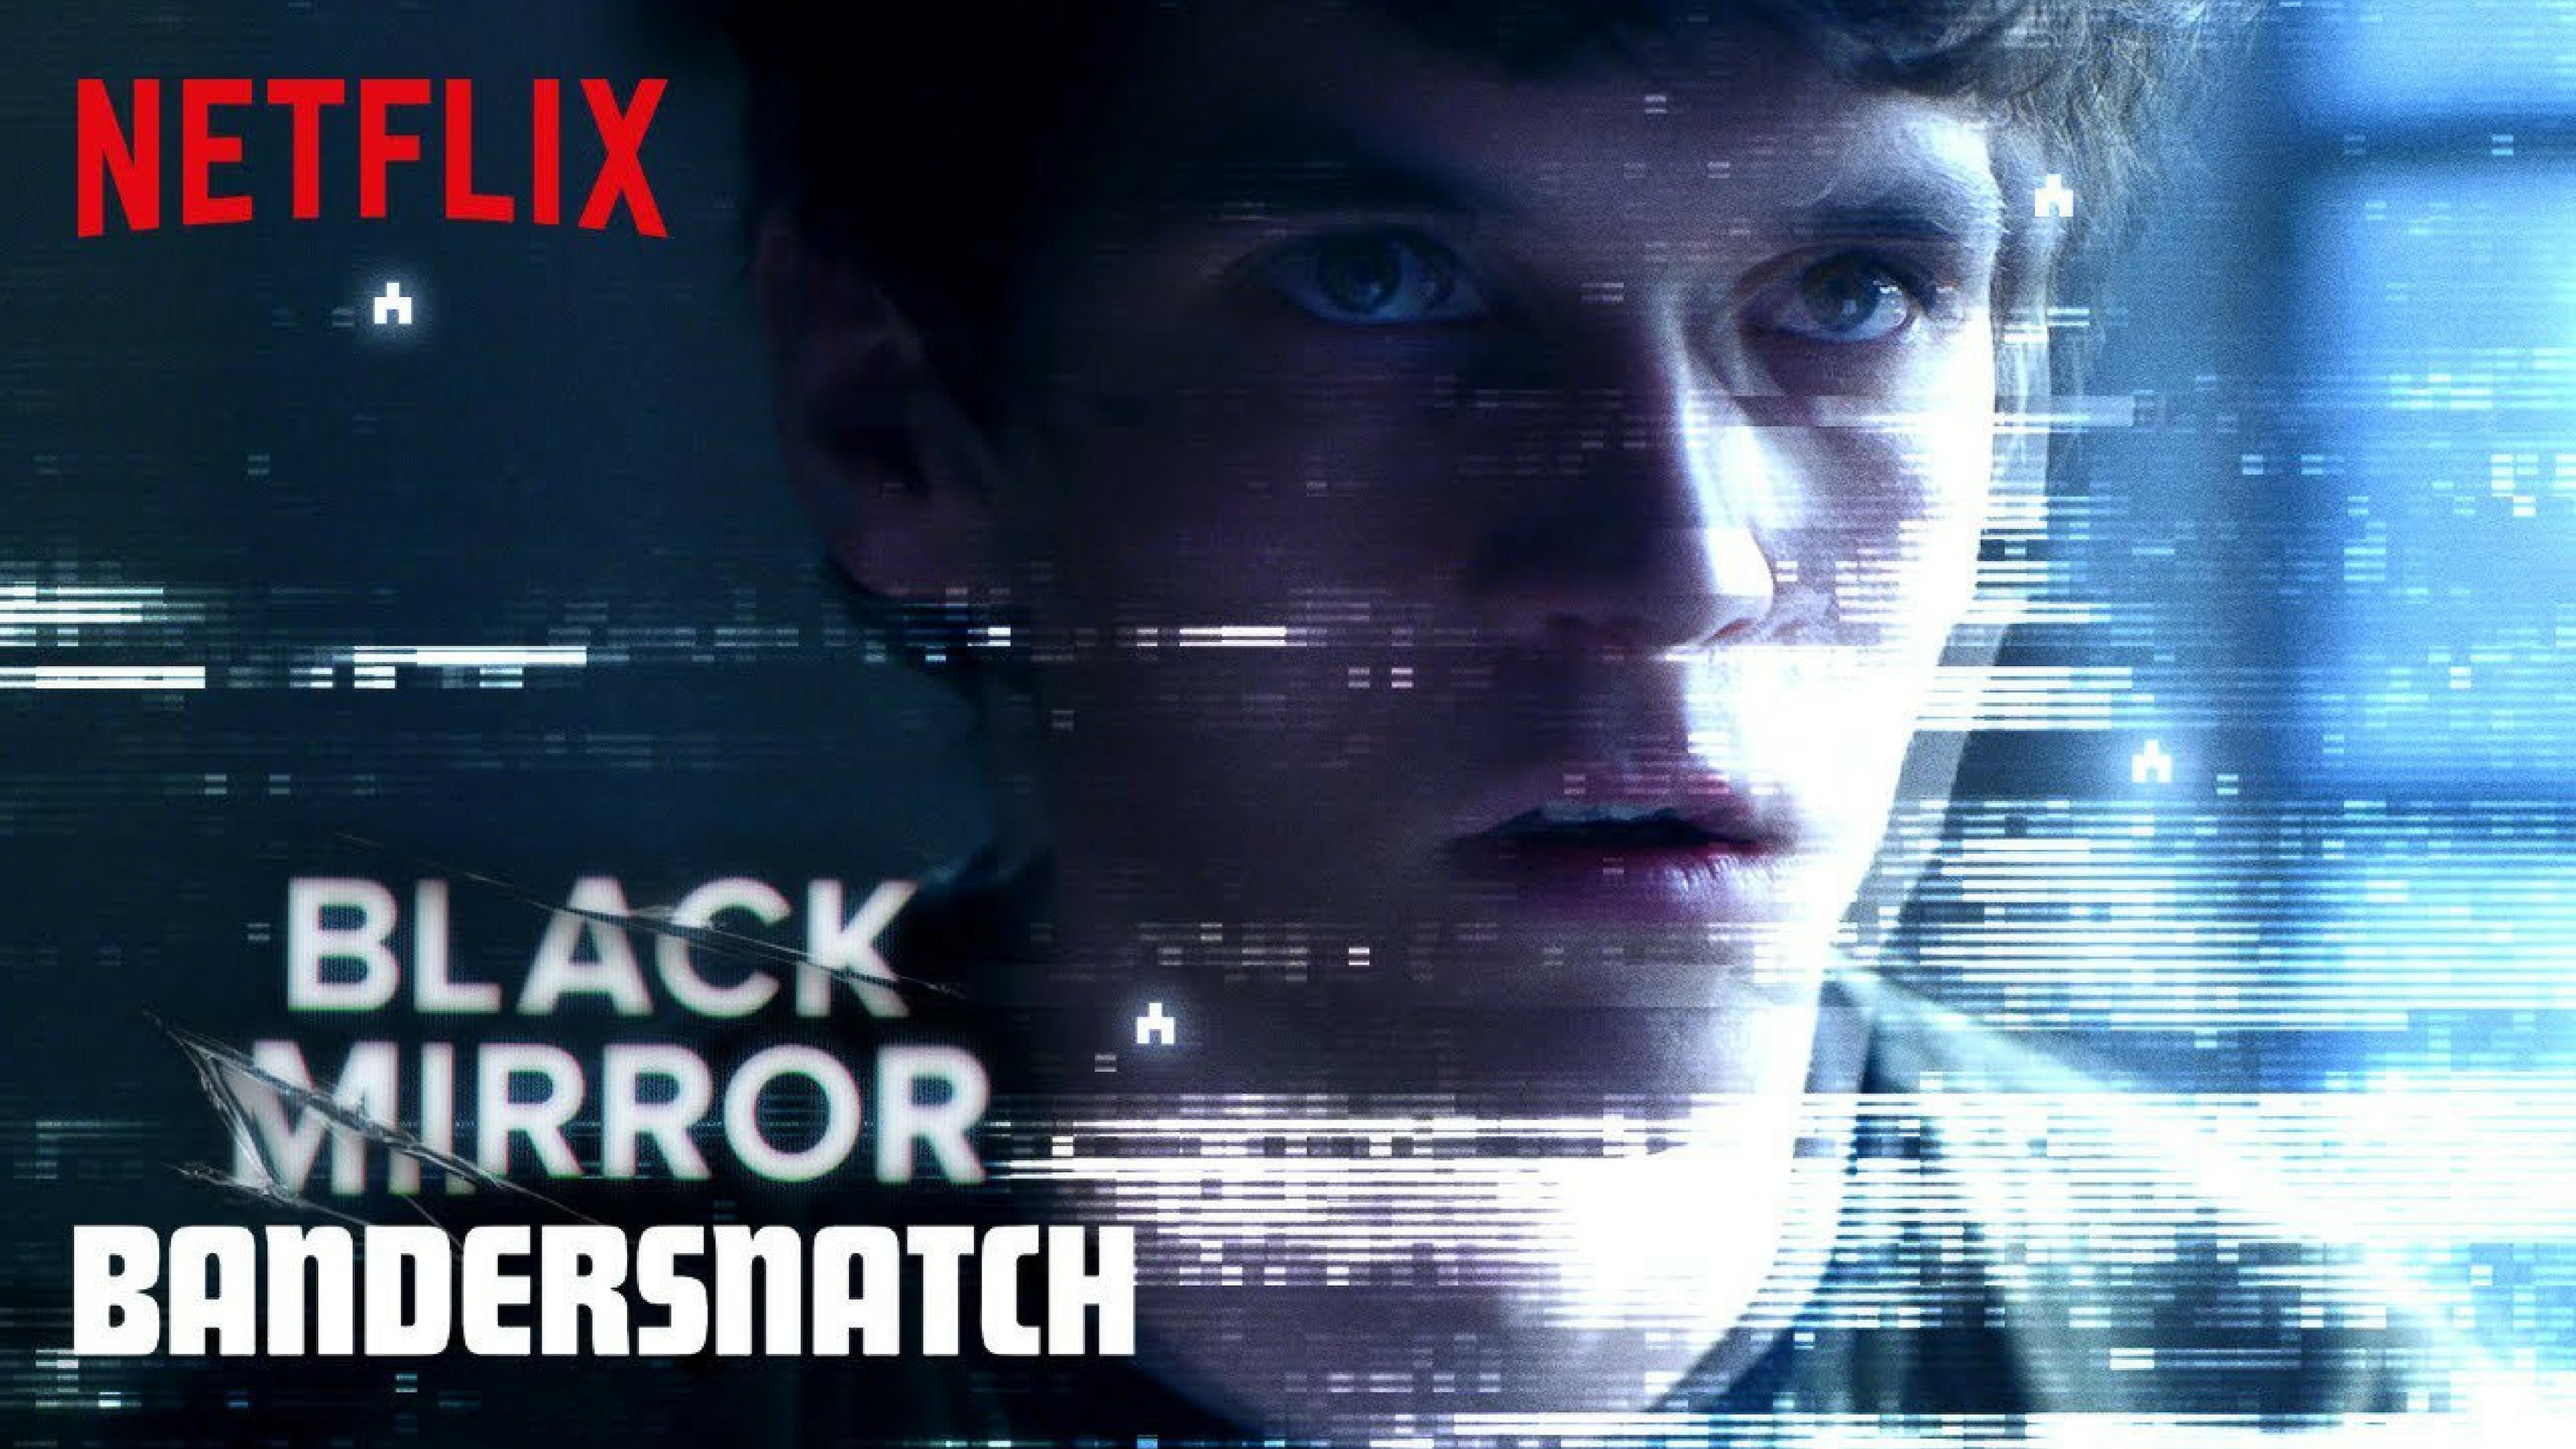 Black Mirror: Bandersnatch – Tee se itse -painajainen